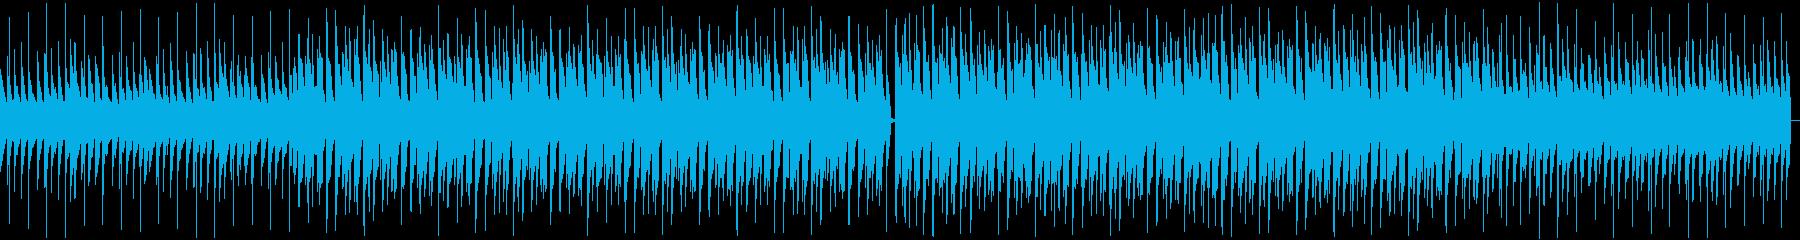 南国感のある優しいスロートロピカルの再生済みの波形